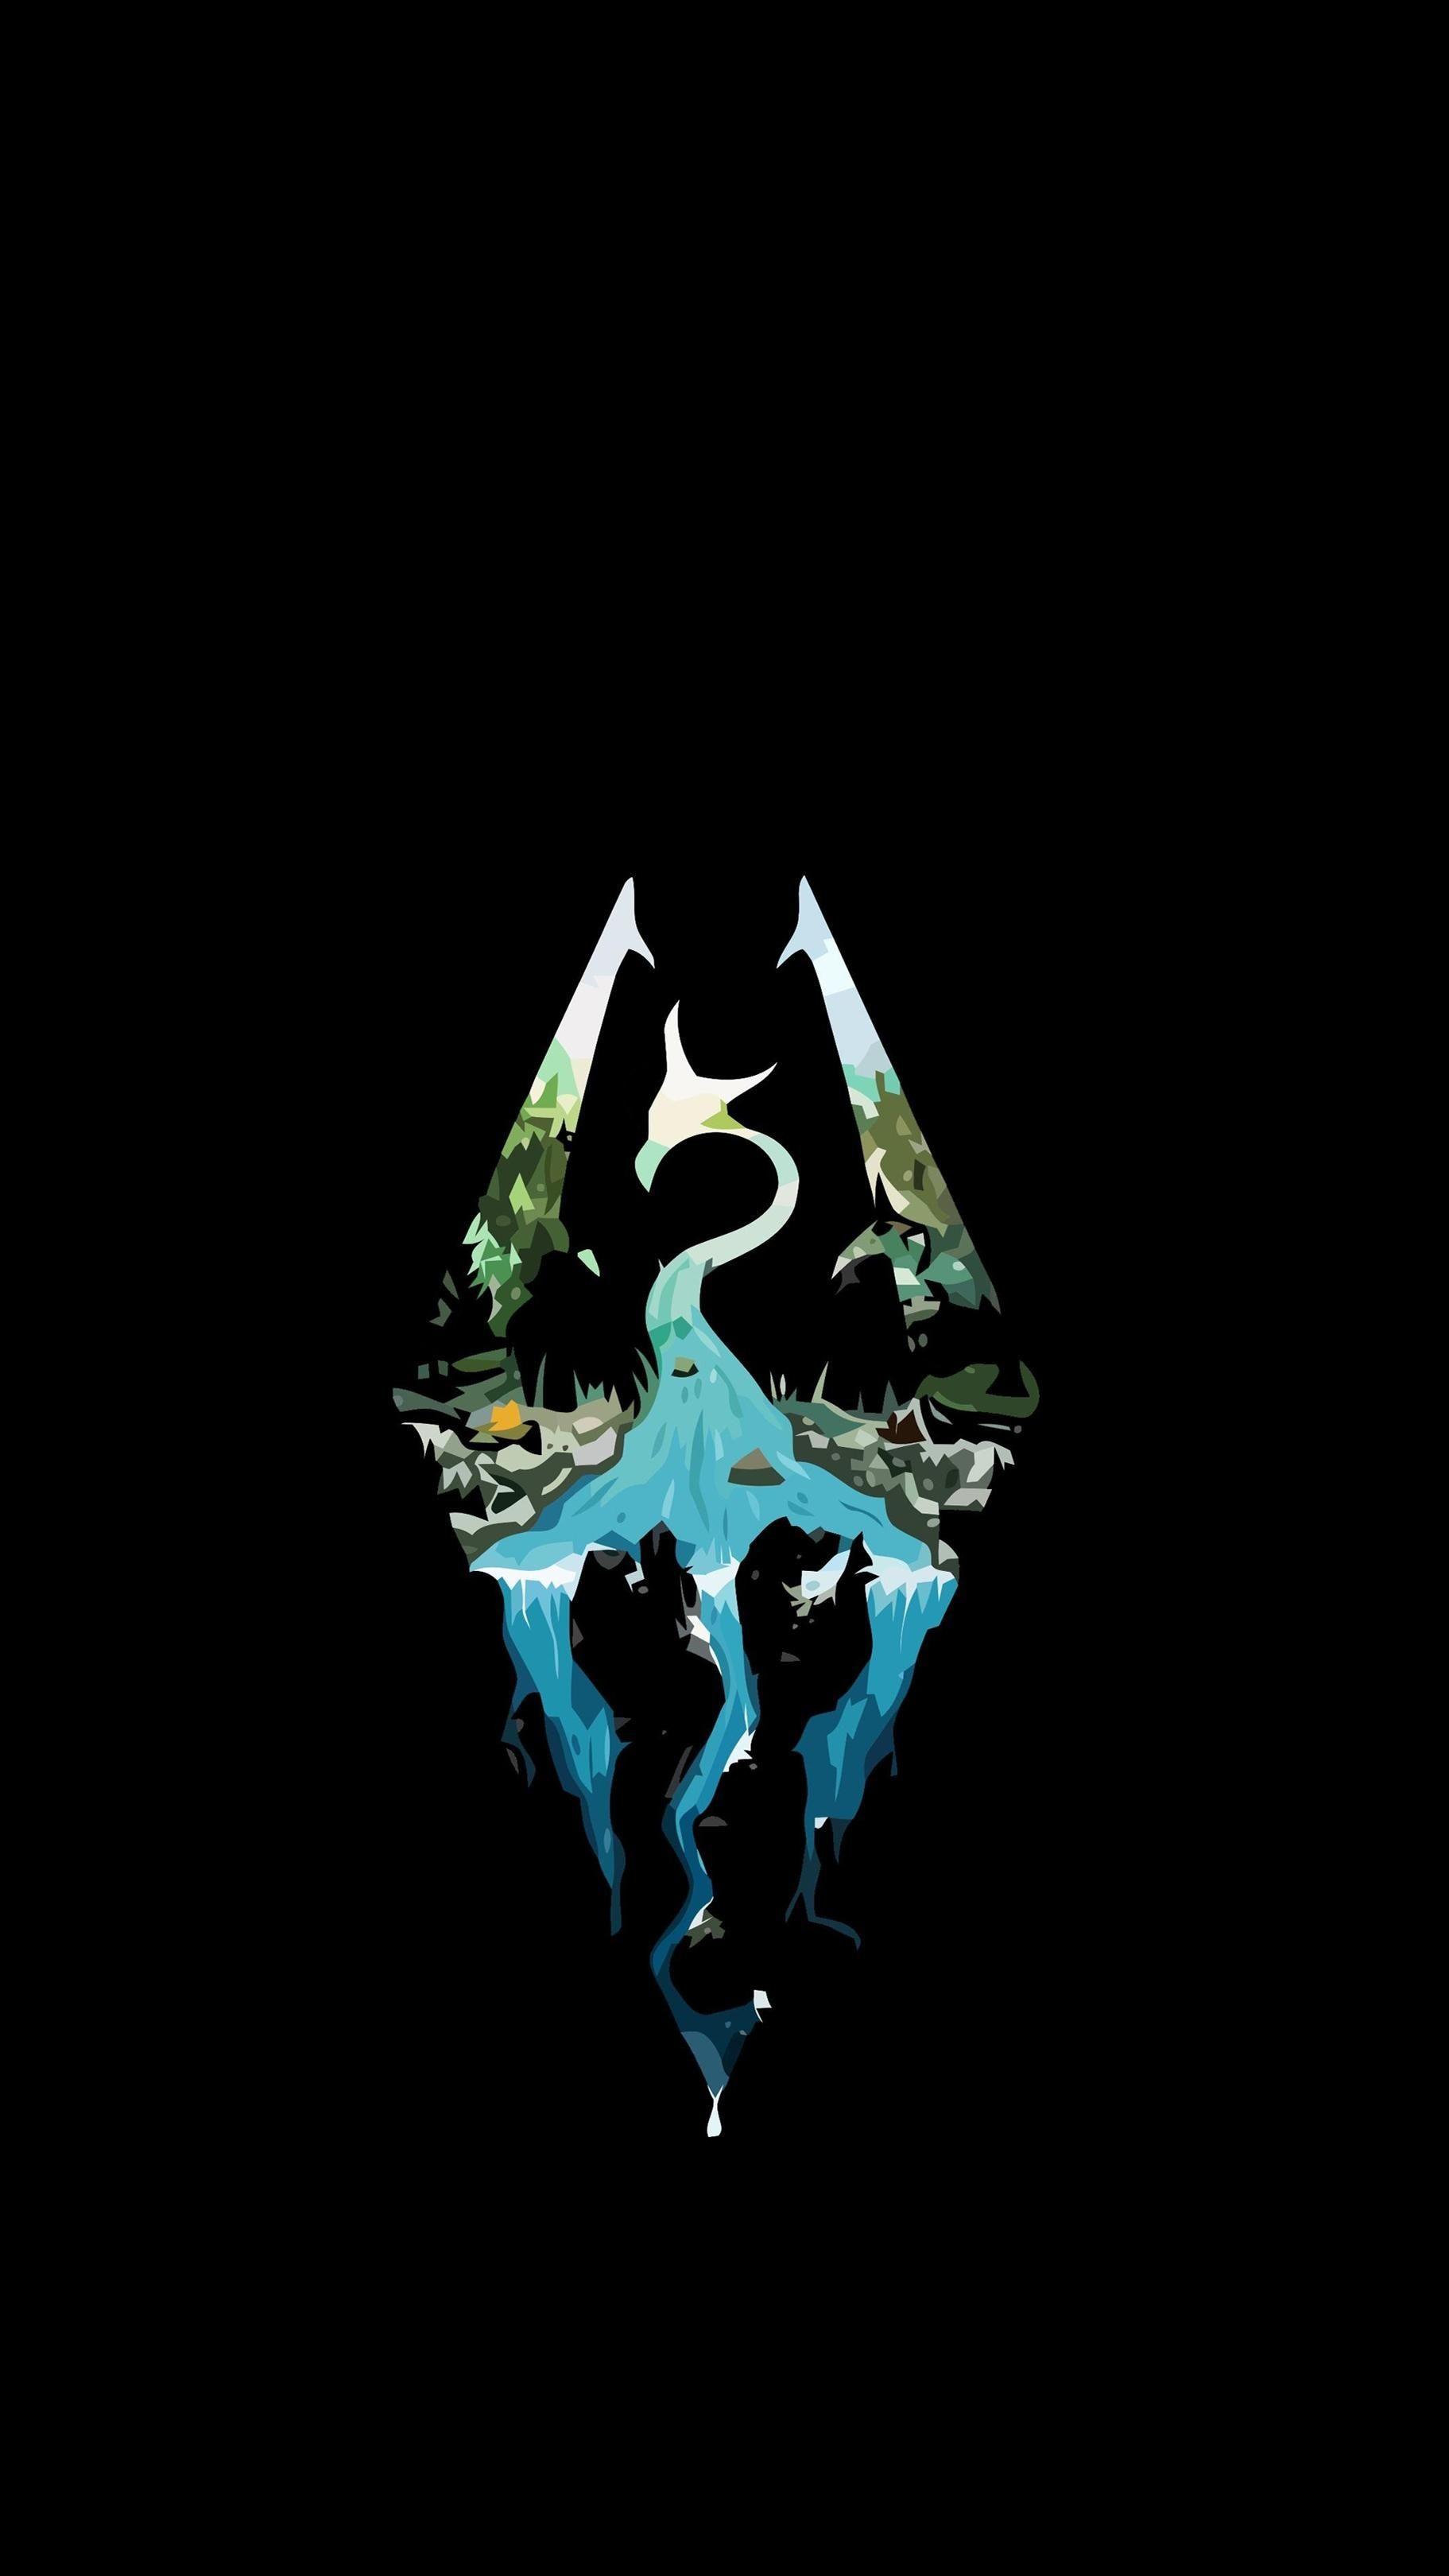 Res: 1823x3240, Phone wallpaper Skyrim logo - Tweaked for iPhone Lock Screen - Original  post by hdxdaniel #